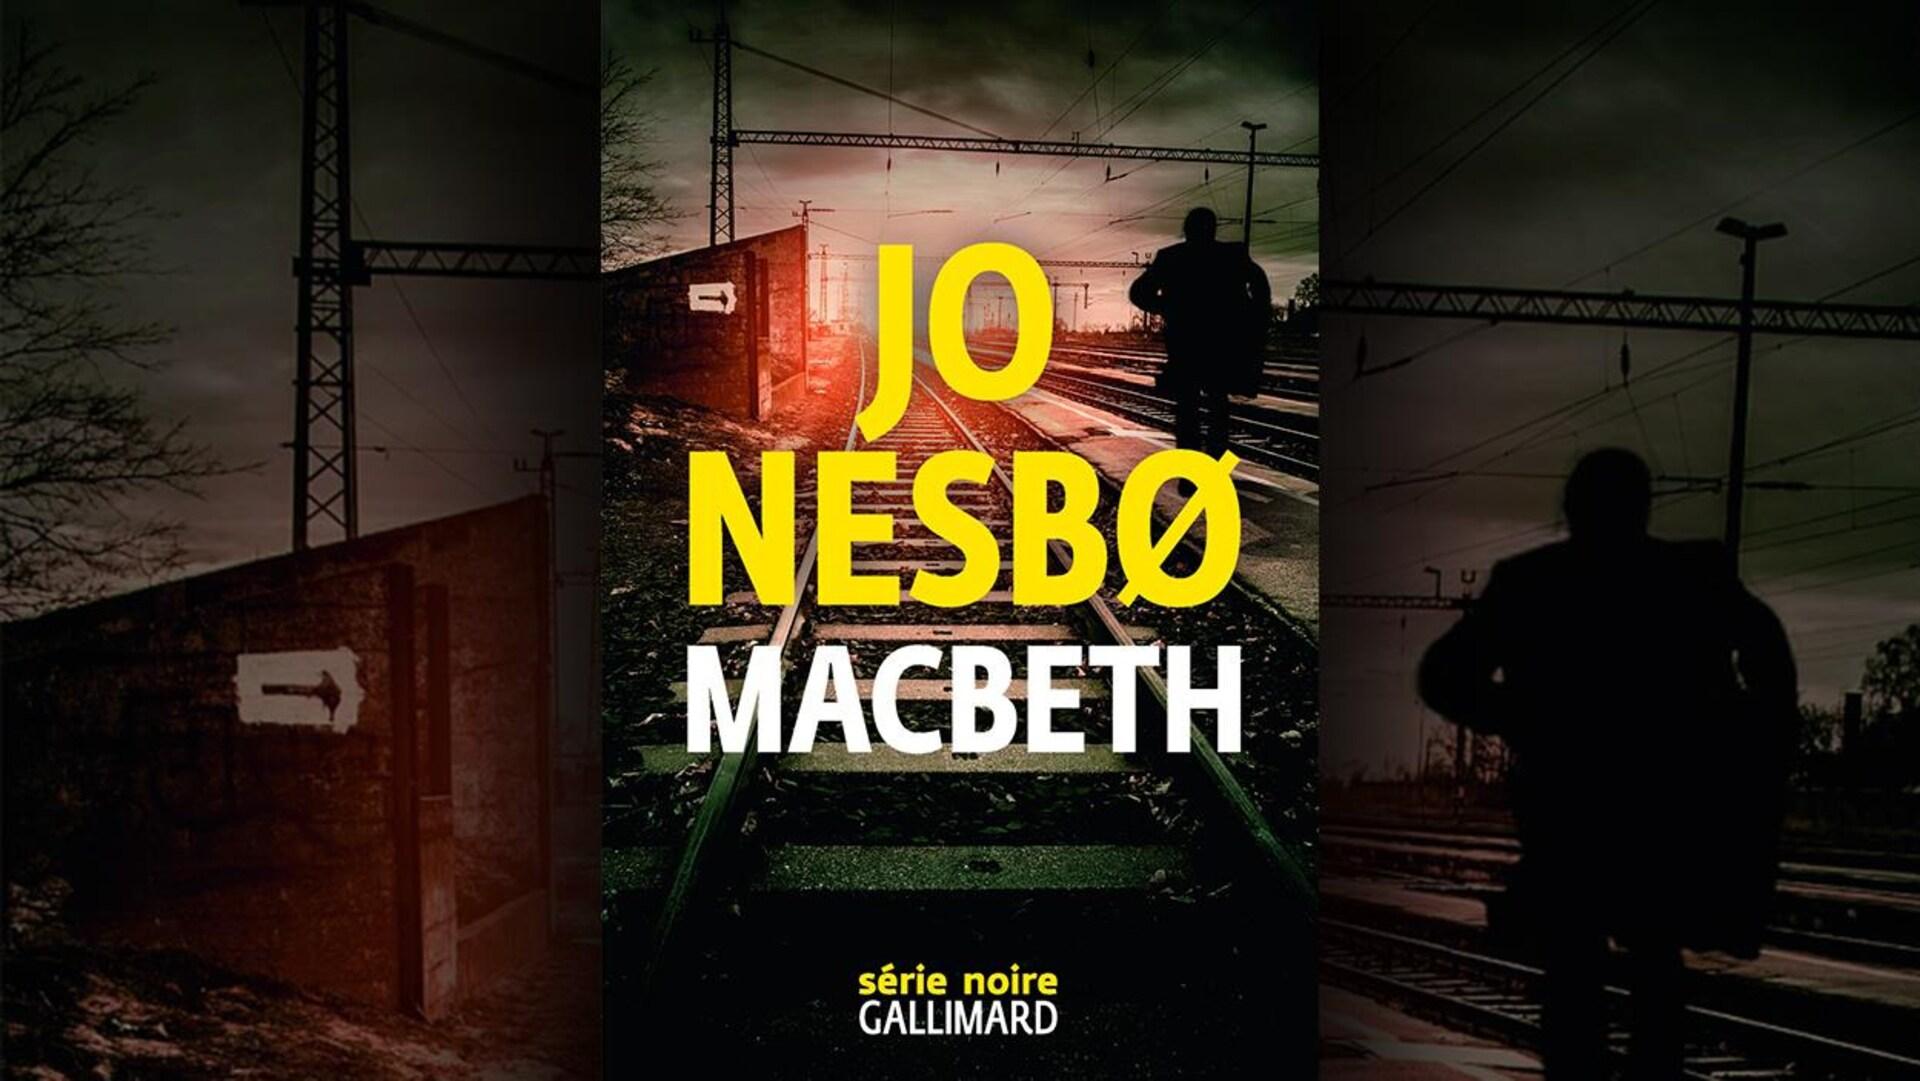 La couverture du livre «Macbeth» présente des rails de chemin de fer avec la silhouette d'un homme marchant à côté